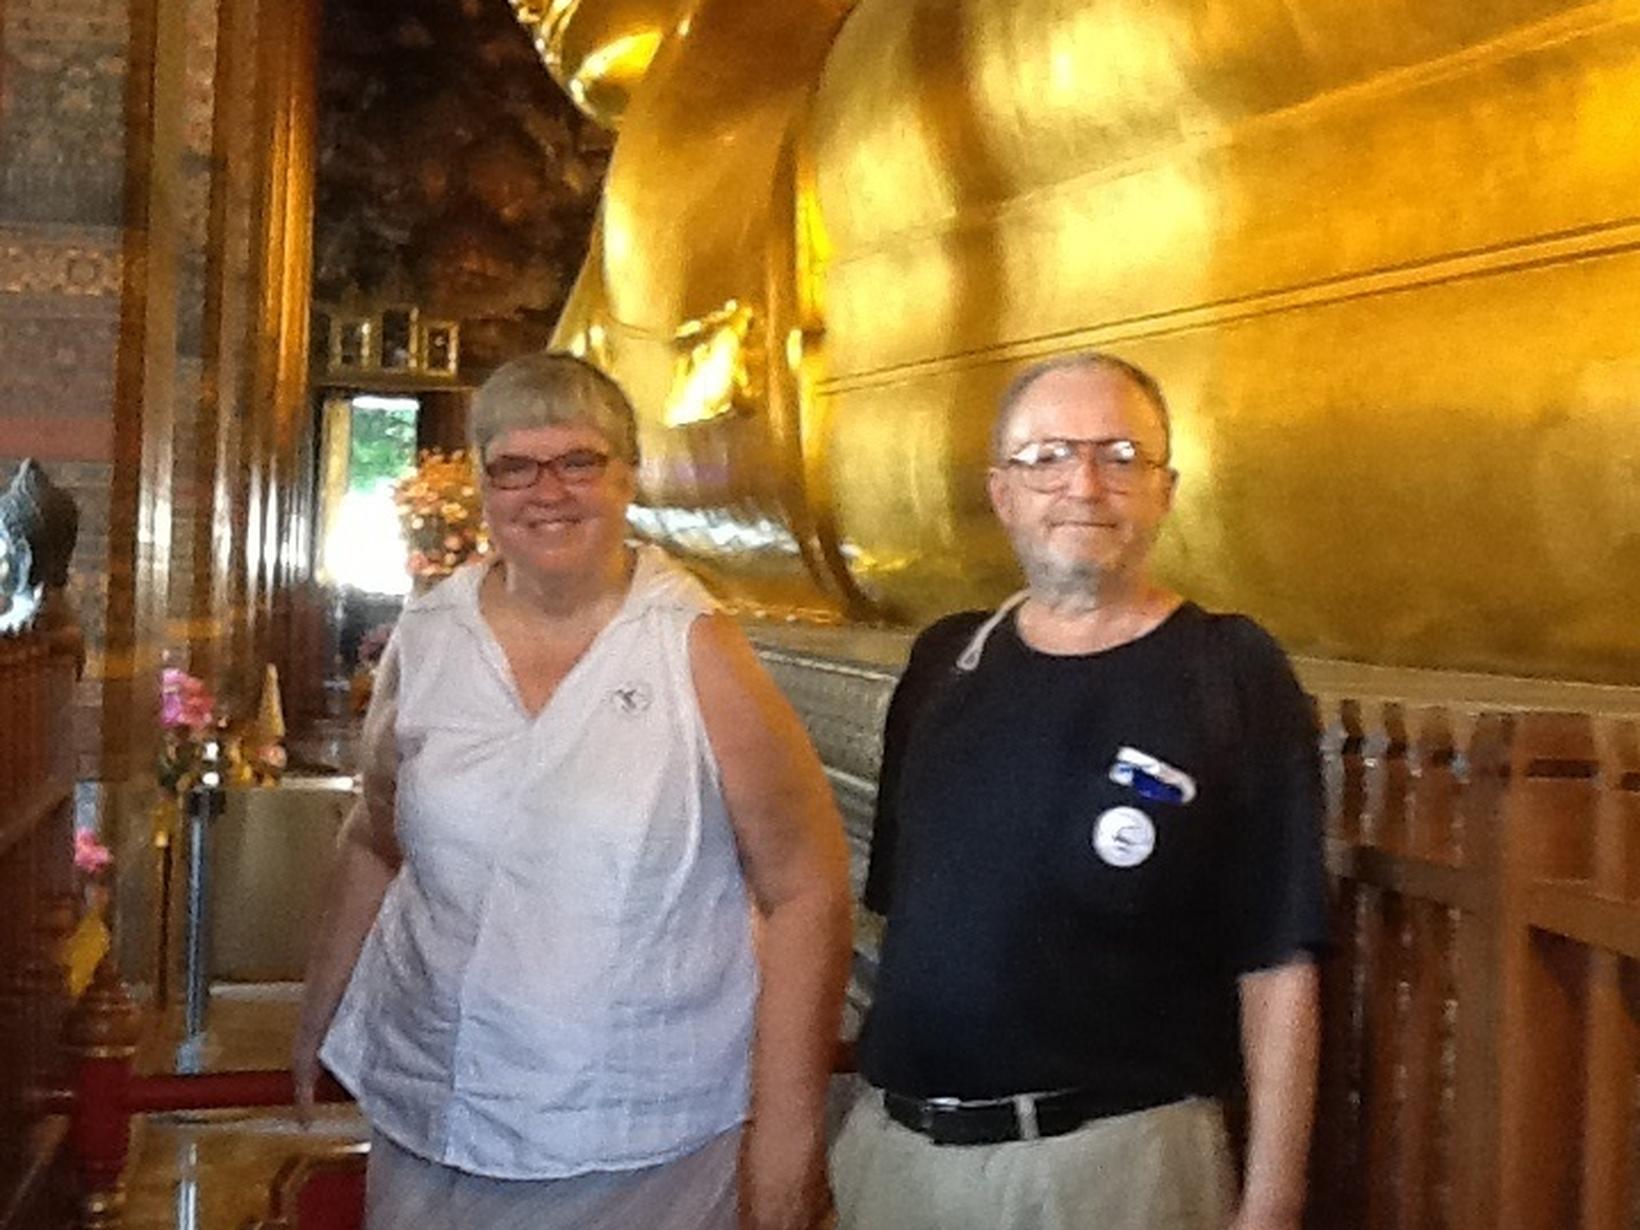 Mary & Thomas from Chiang Mai, Thailand